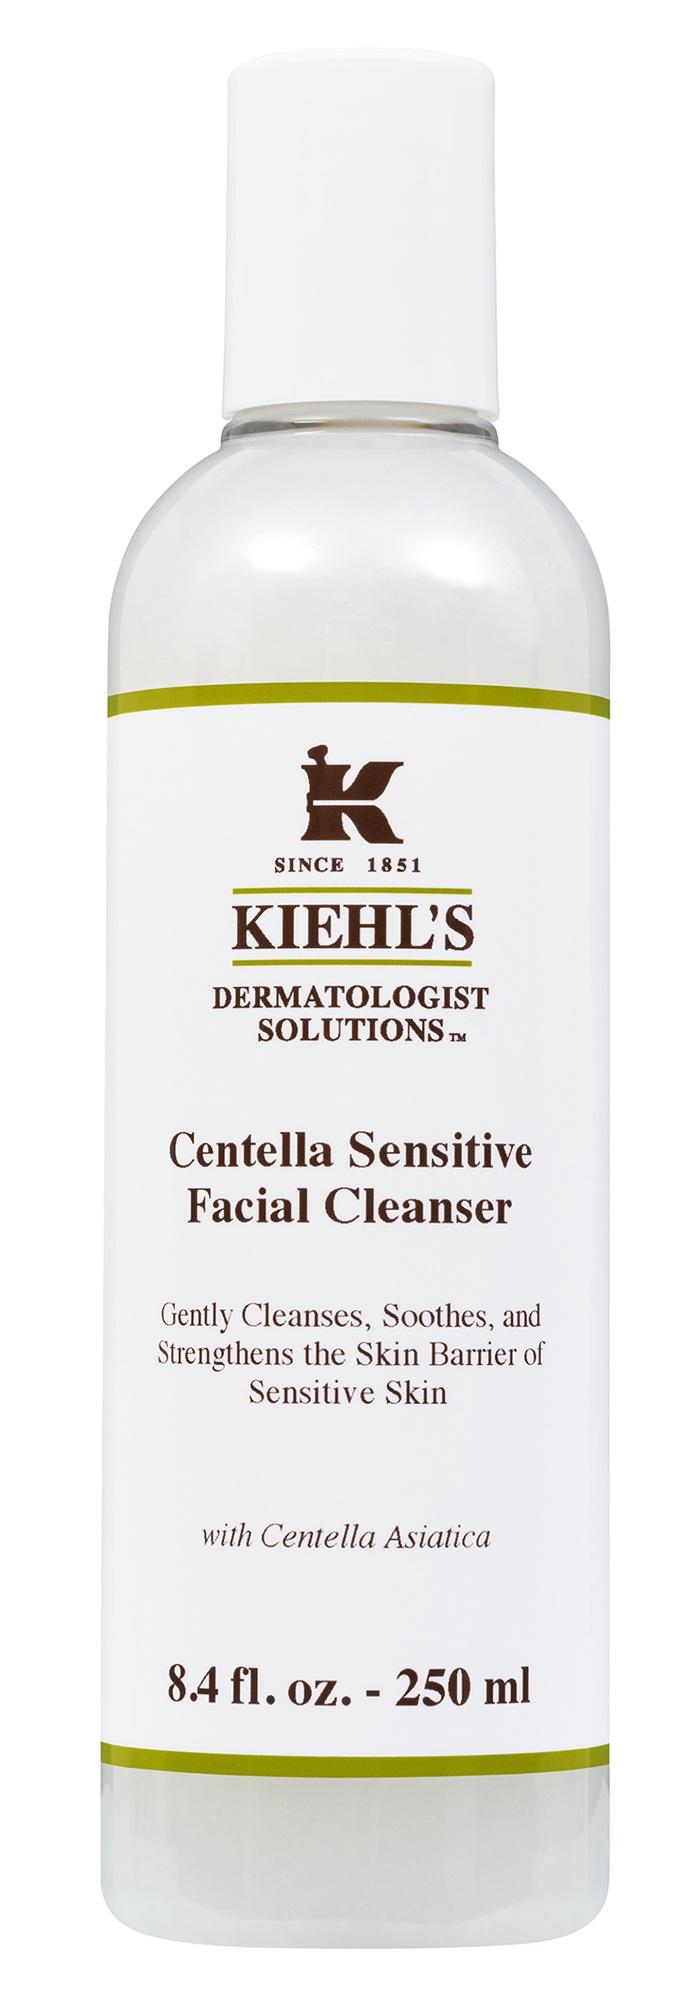 Kiehl's Centella Sensitive Facial Cleanser